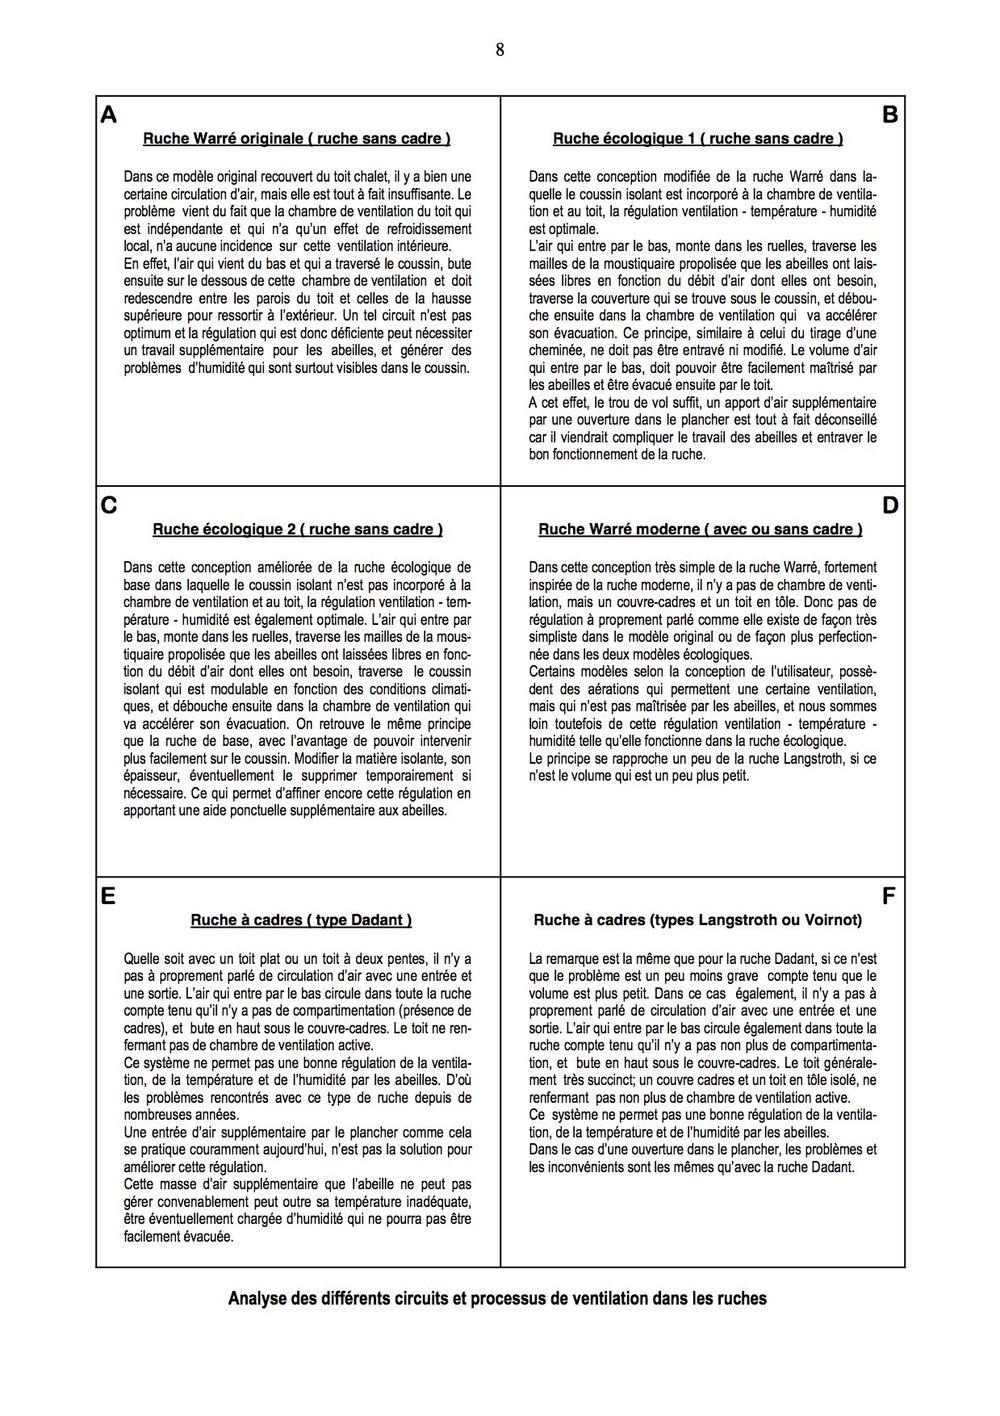 """Documents issus de """"L'apiculture Écologique de A à Z"""", Mrs Frèrès et Guillaume"""